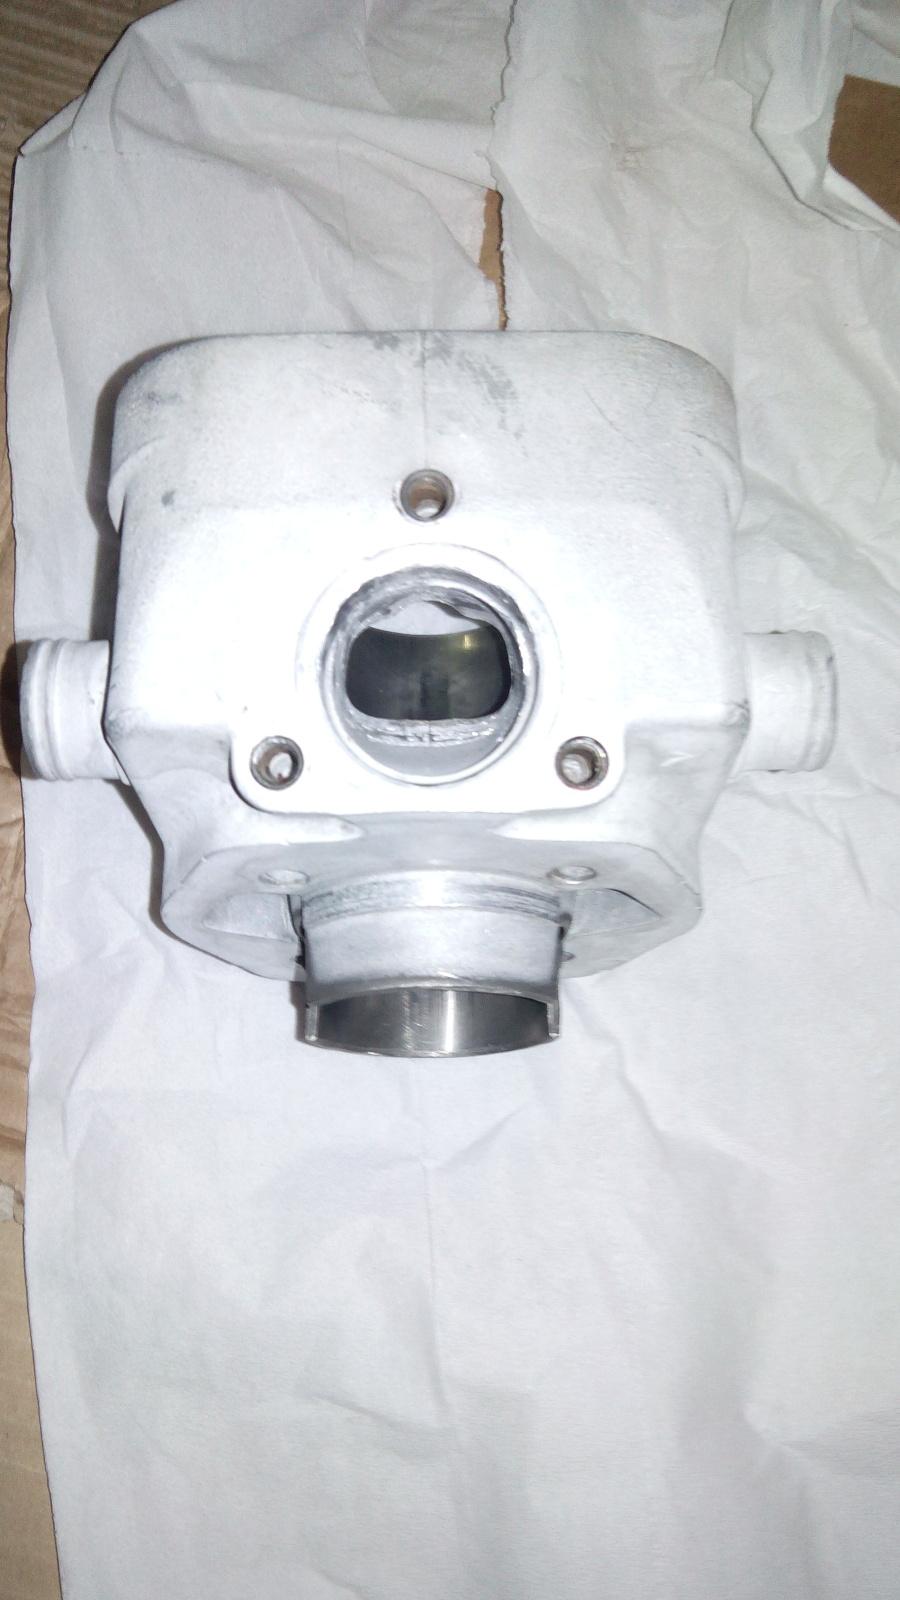 Mejoras en motores P3 P4 RV4 DL P6 K6... - Página 6 2myrvur